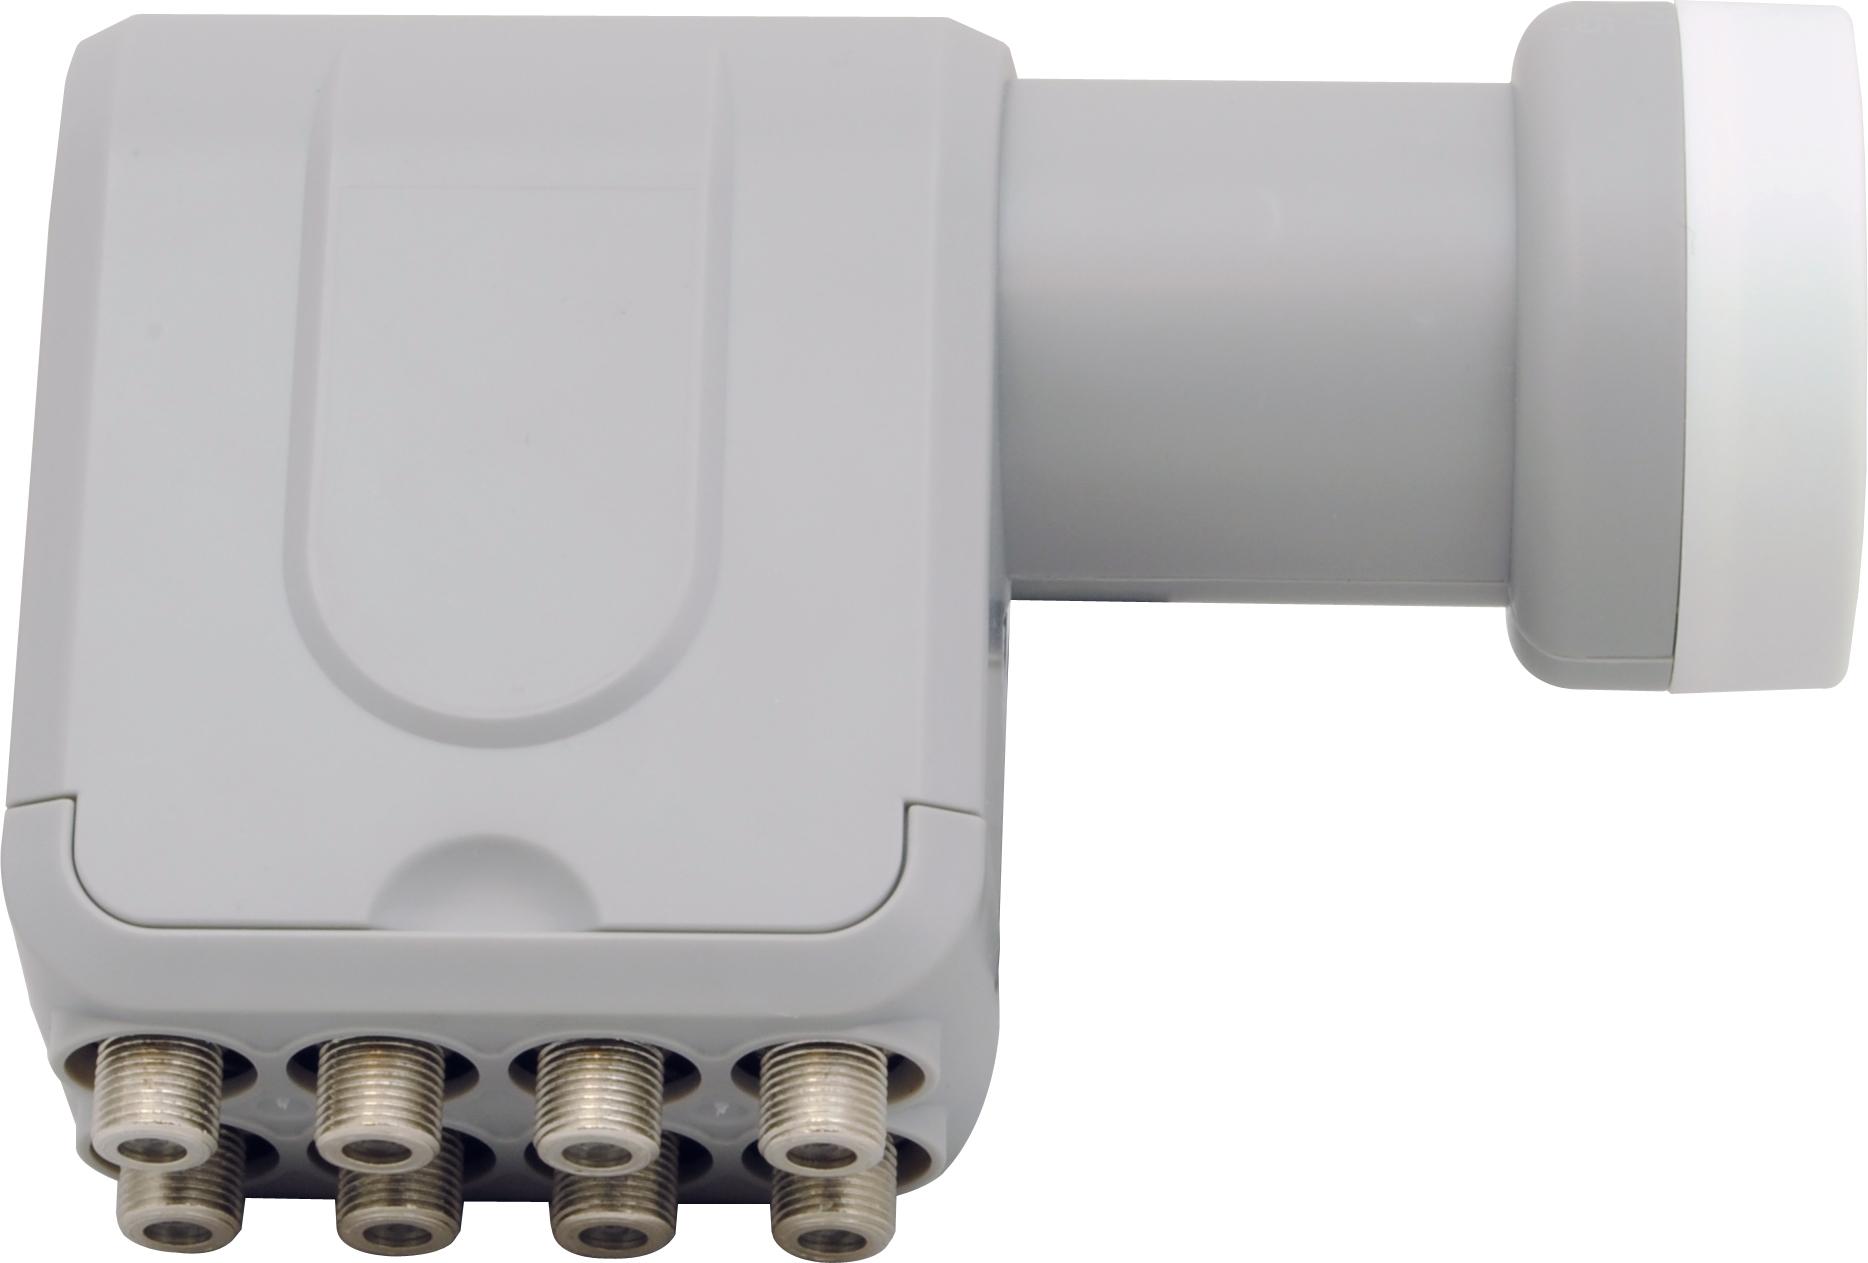 1 Stk SAT LNB Octo für den Anschluß von acht Receivern, 40mm Hals HSATL8A---